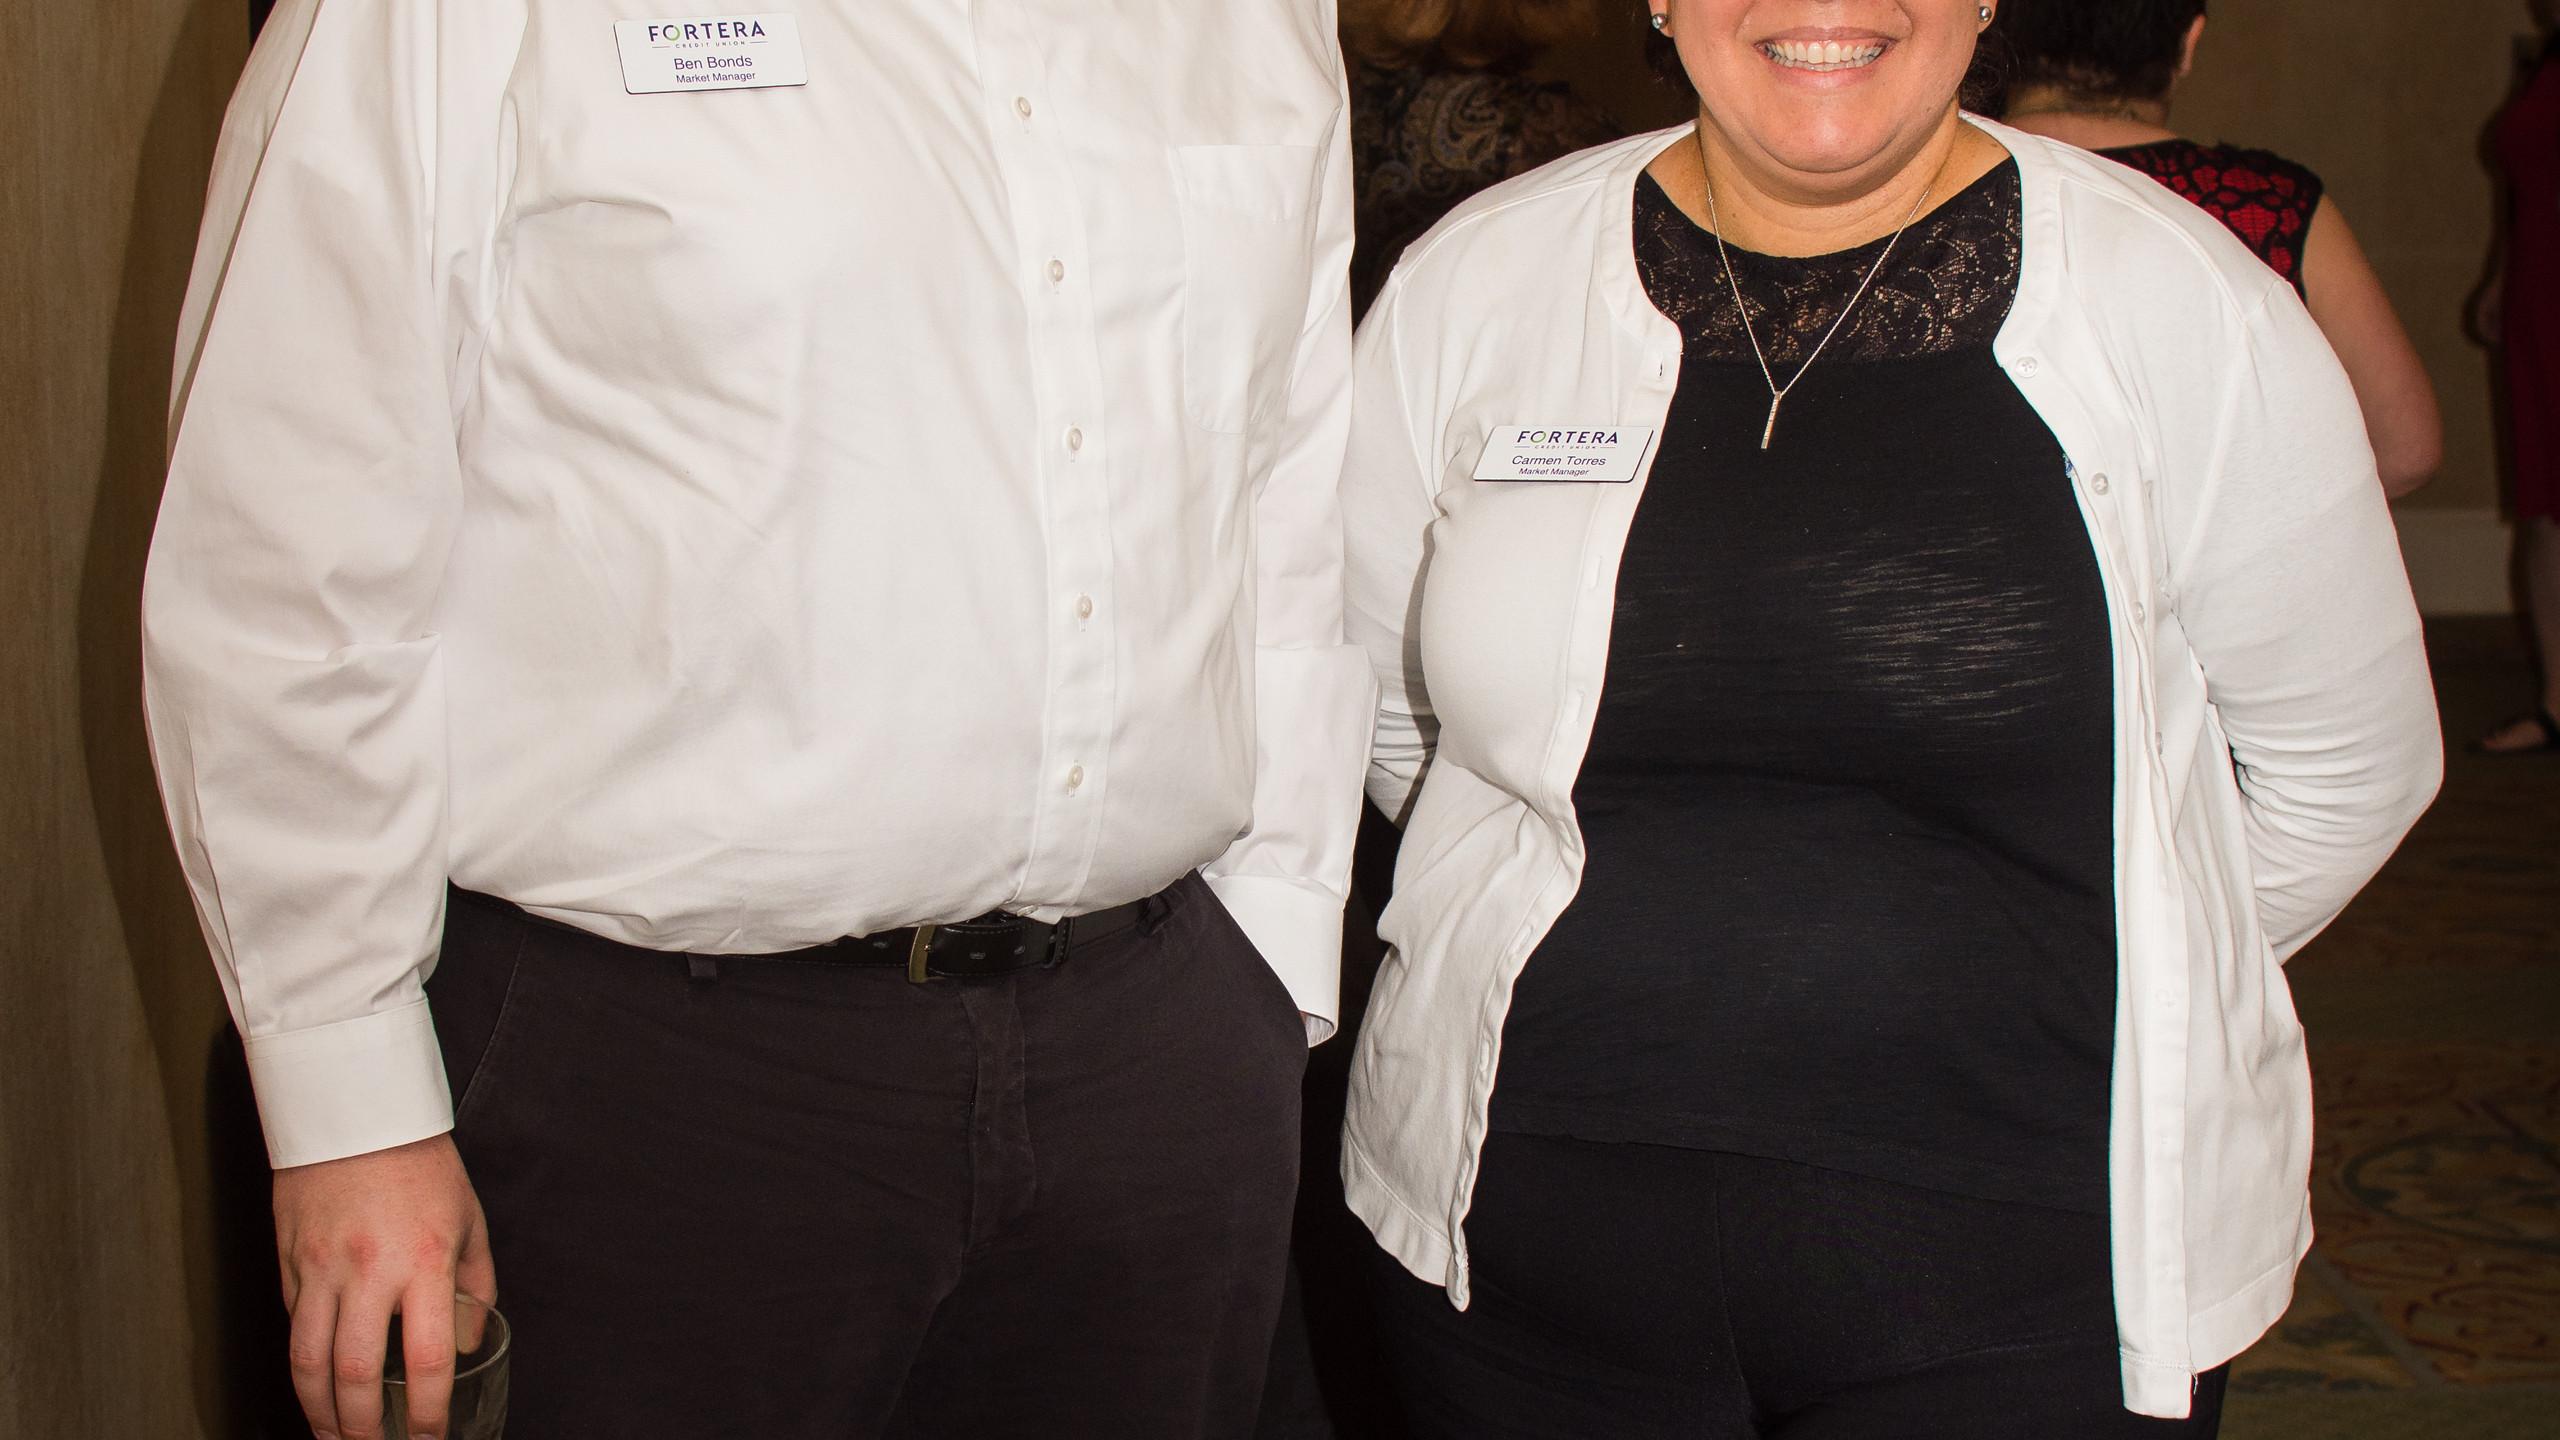 Ben Bonds and Carmen Torres